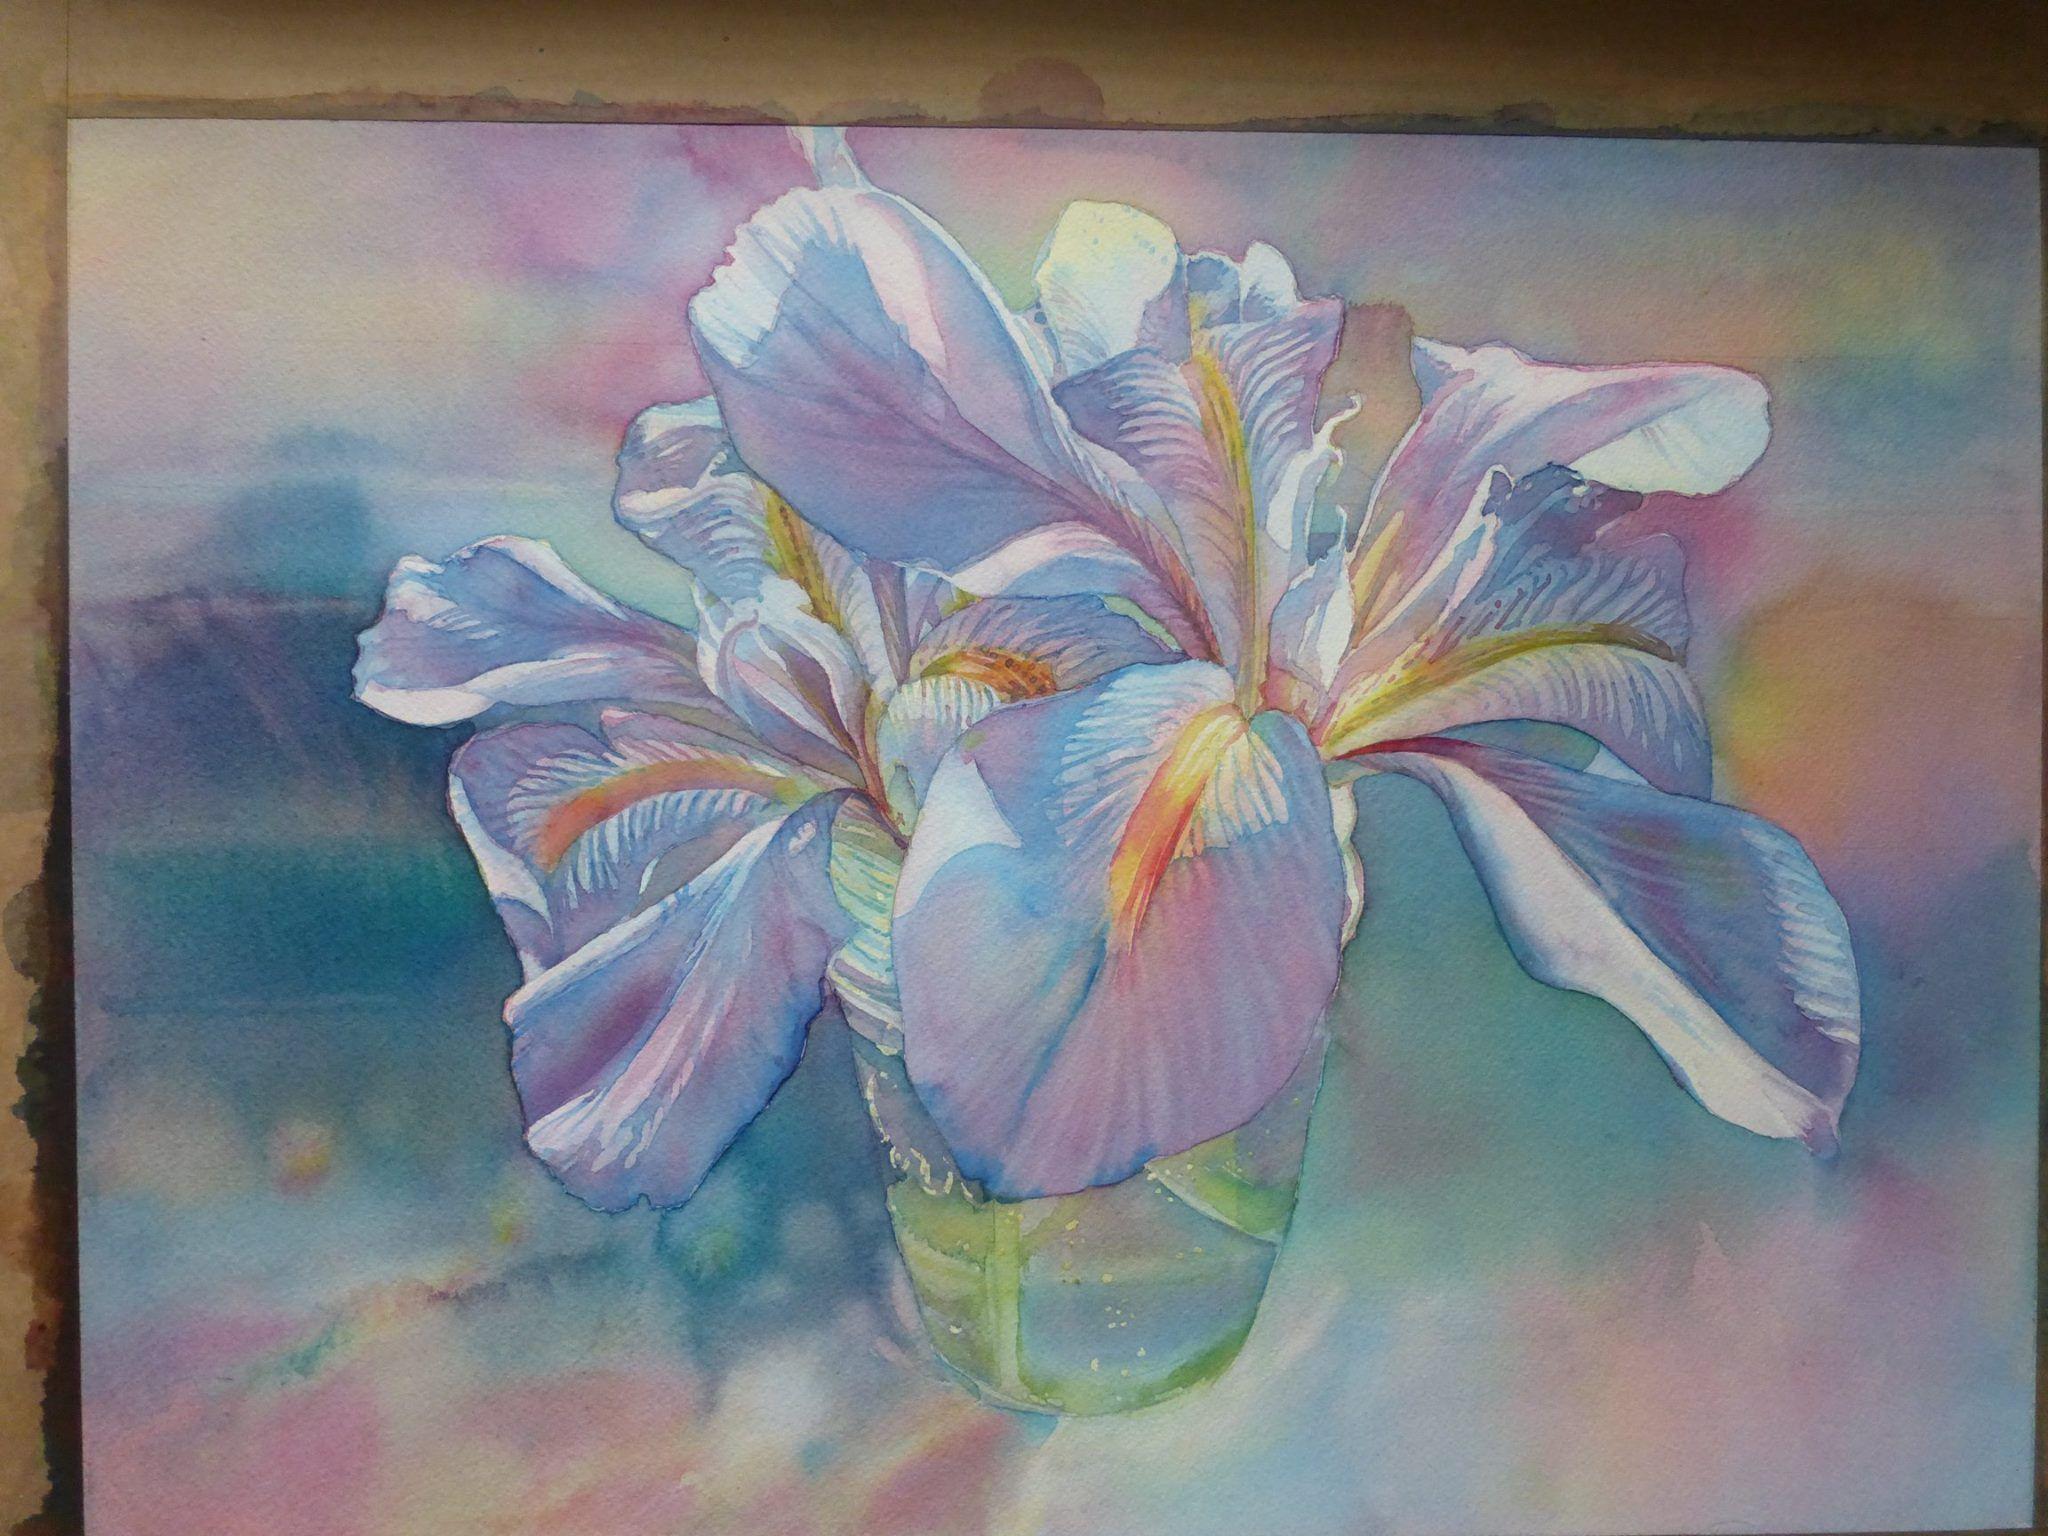 Art - Jeannie Vodden (Gorgeous)